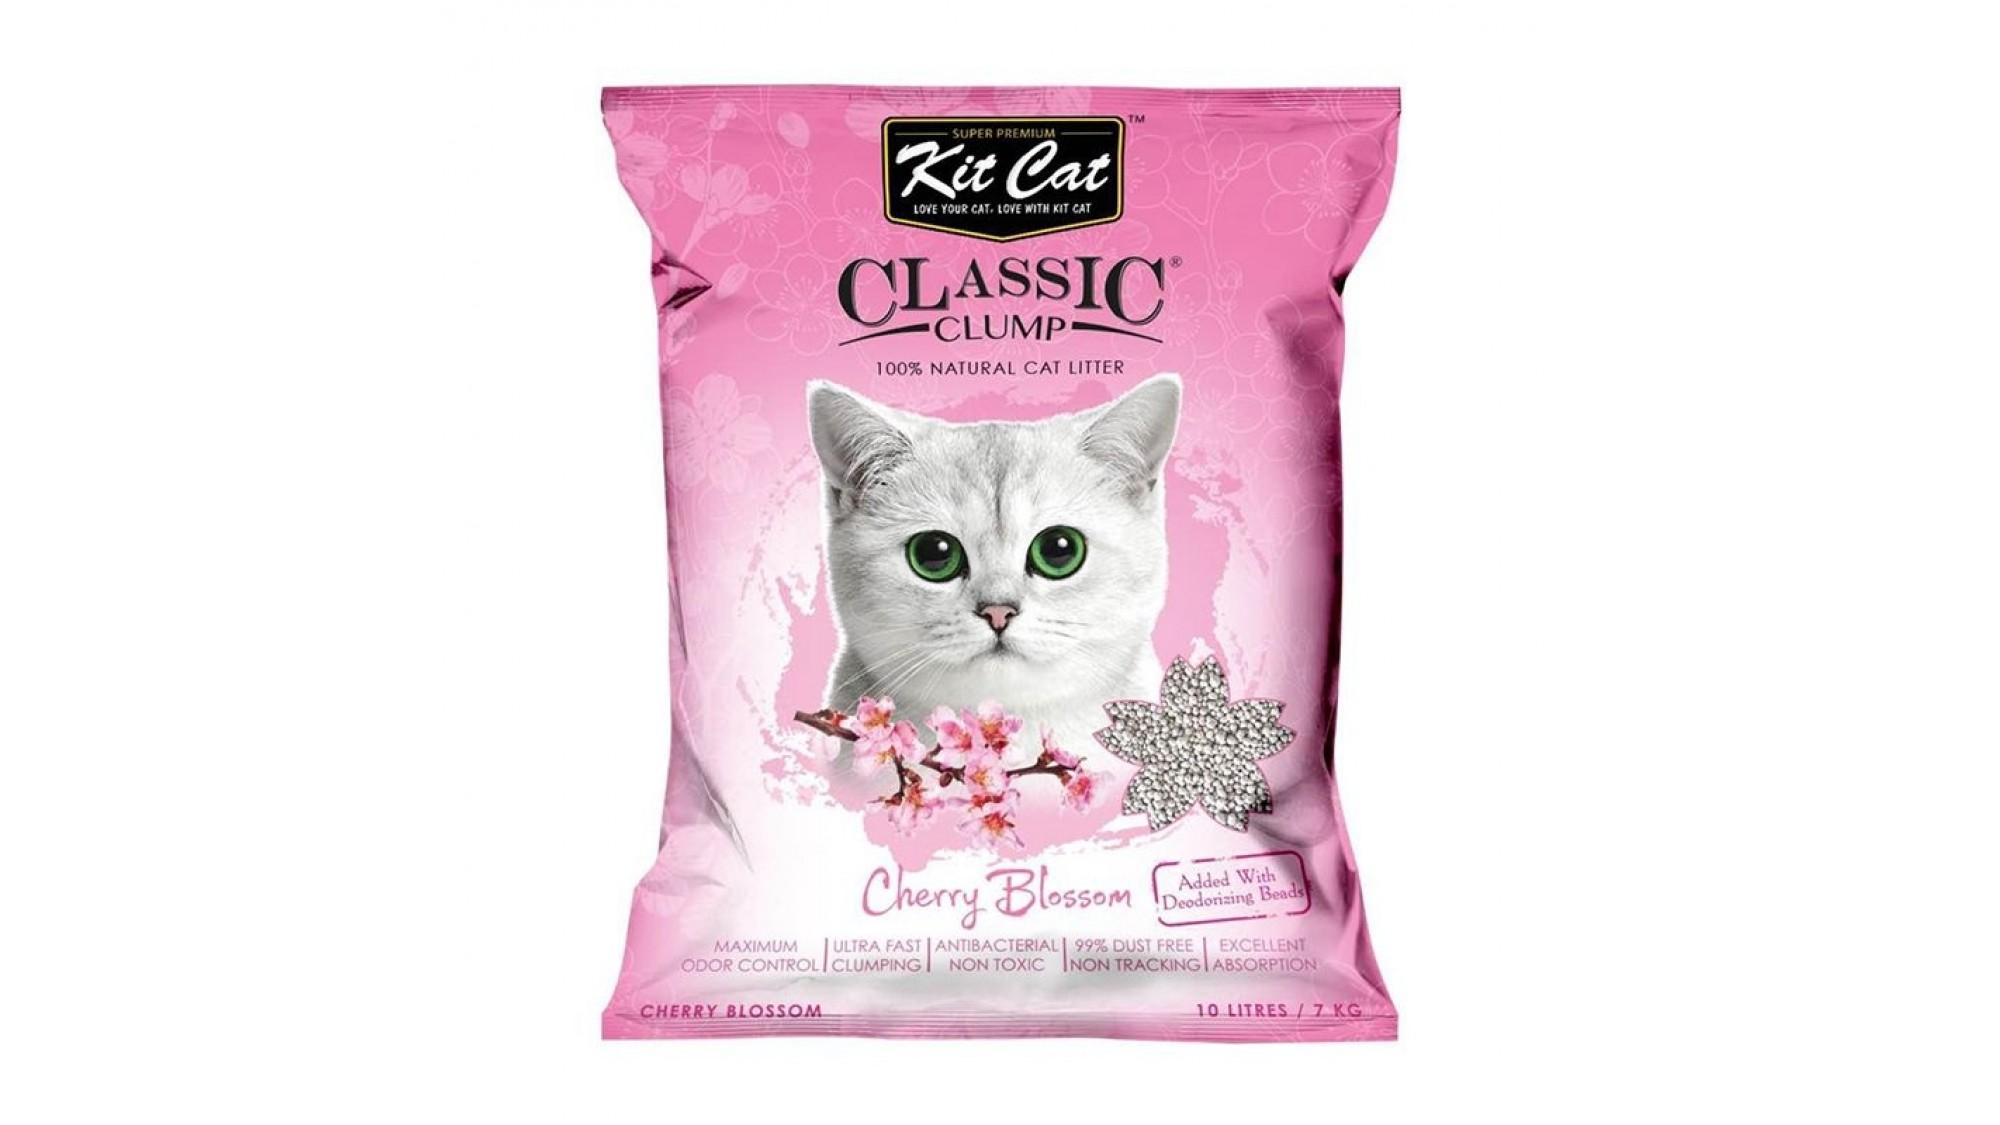 Asternut igienic KIT CAT CLASSIC CLUMP CHERRY BLOSSOM - 10L imagine